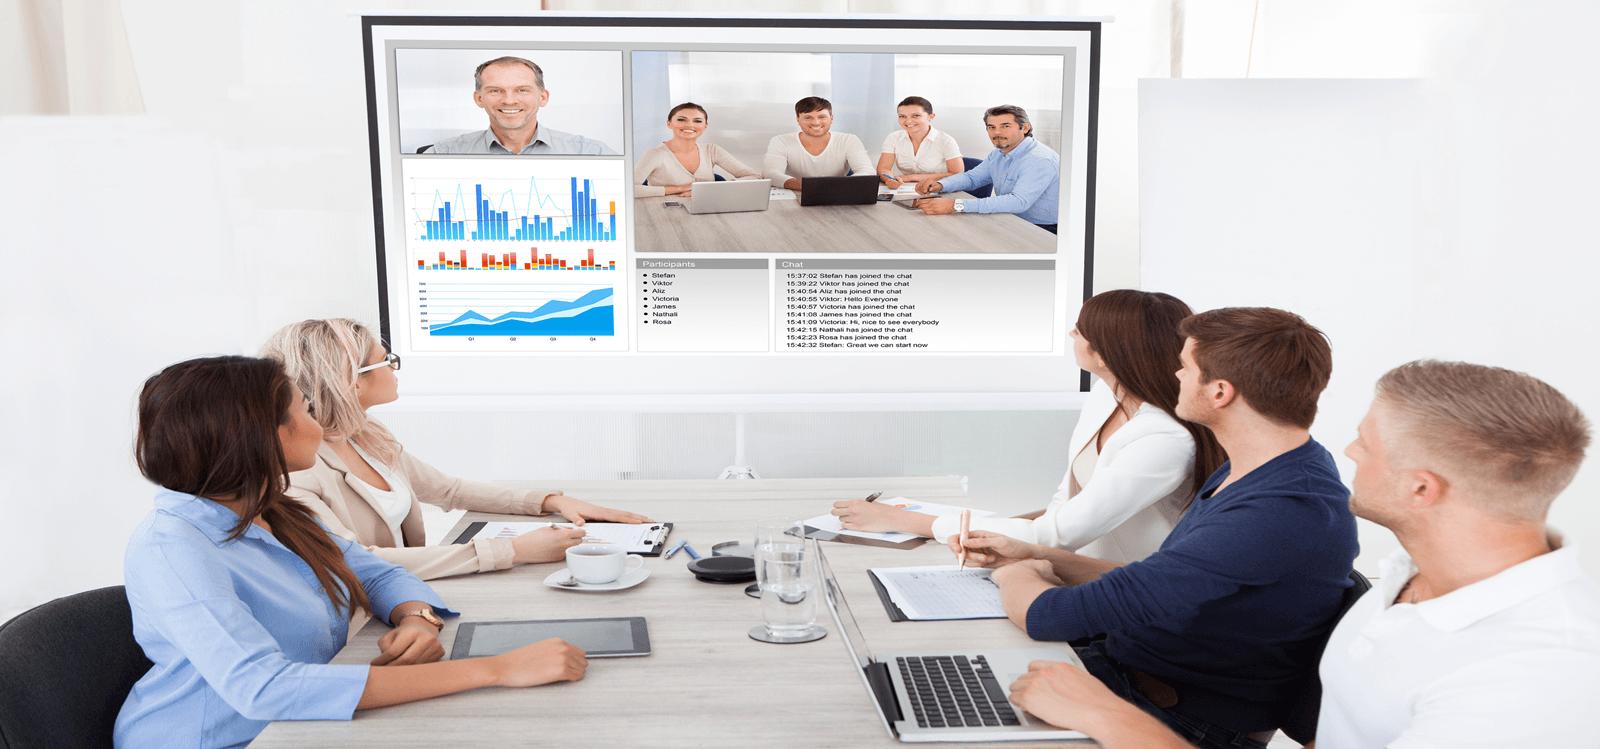 Tecnología para videoconferencias y reuniones online